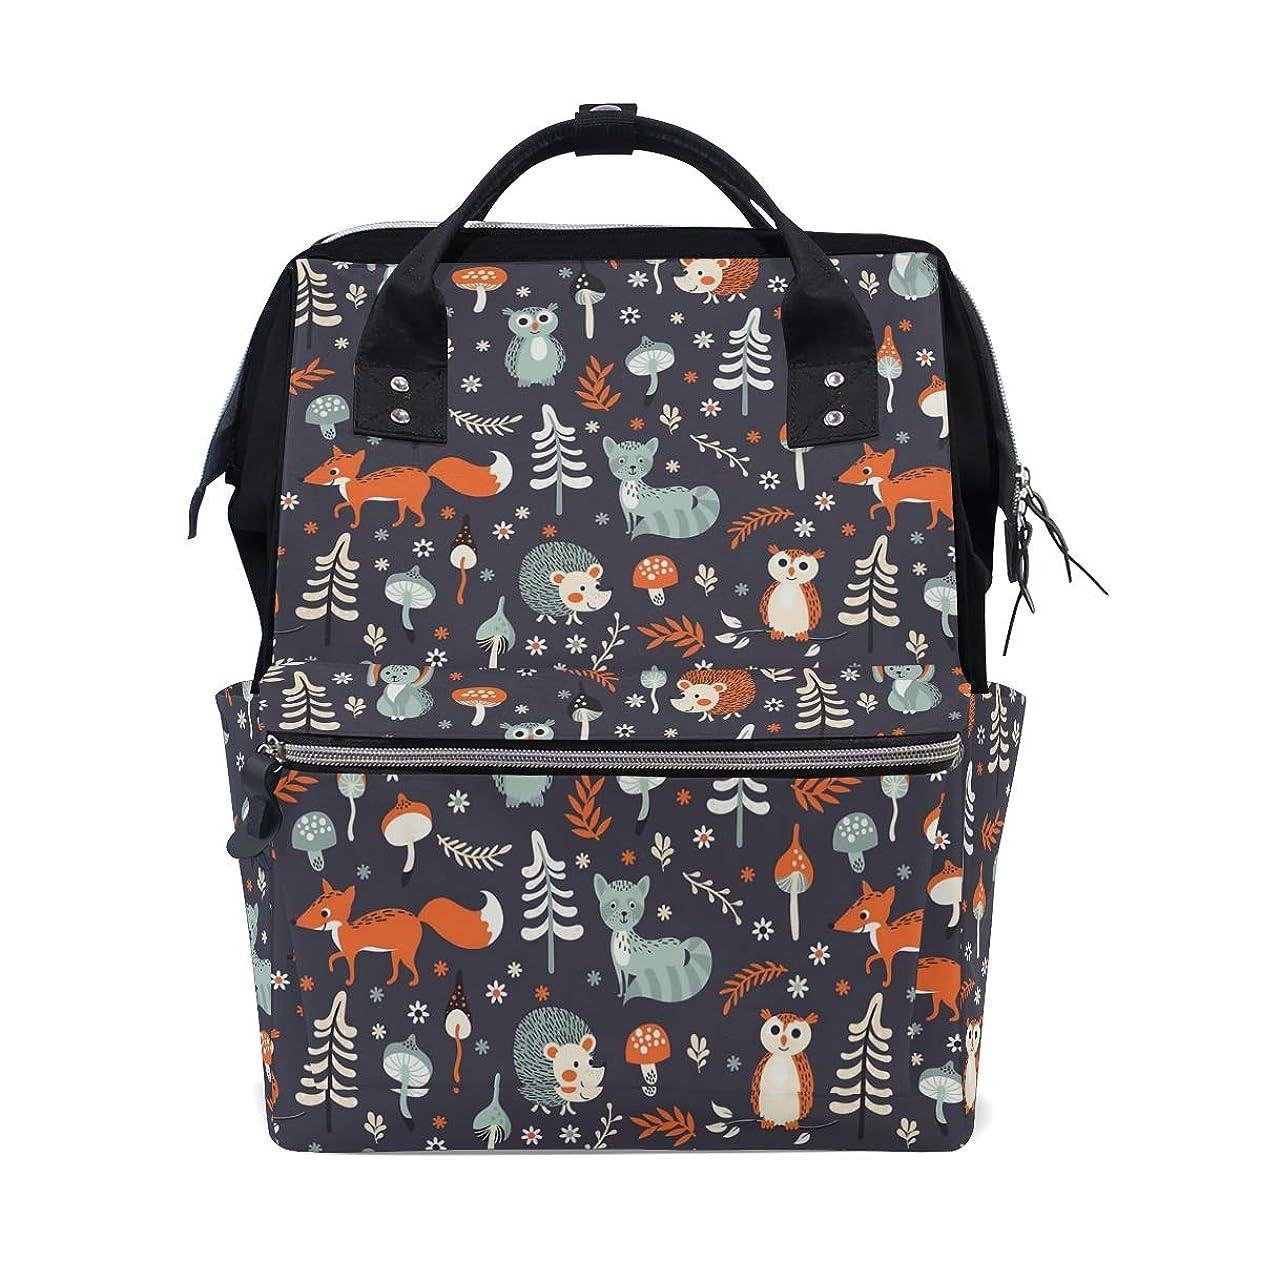 試み頭痛ライドかわいい森の動物 フクロウ キツネ ハリネズミ おむつバッグ バックパック 大容量 多機能 旅行バックパック お昼寝バッグ 旅行 ママ バックパック ベビーケア用